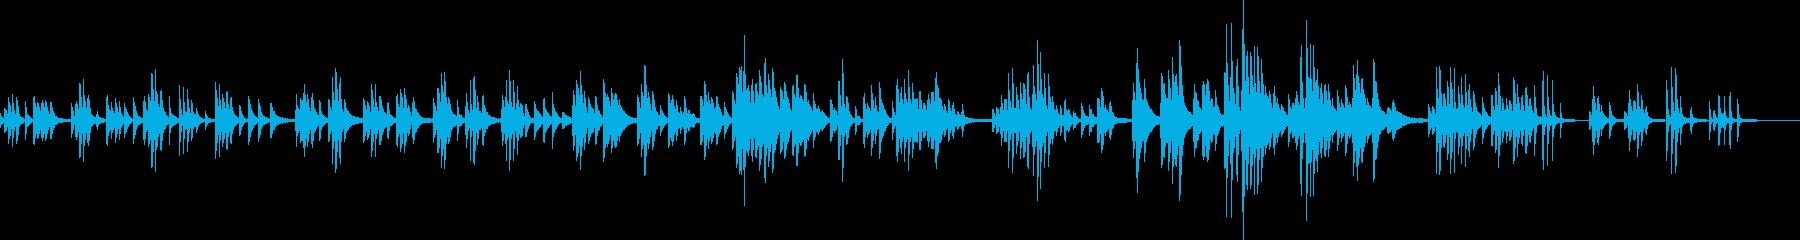 いつでも一緒だよ。(ピアノソロ・優しい)の再生済みの波形